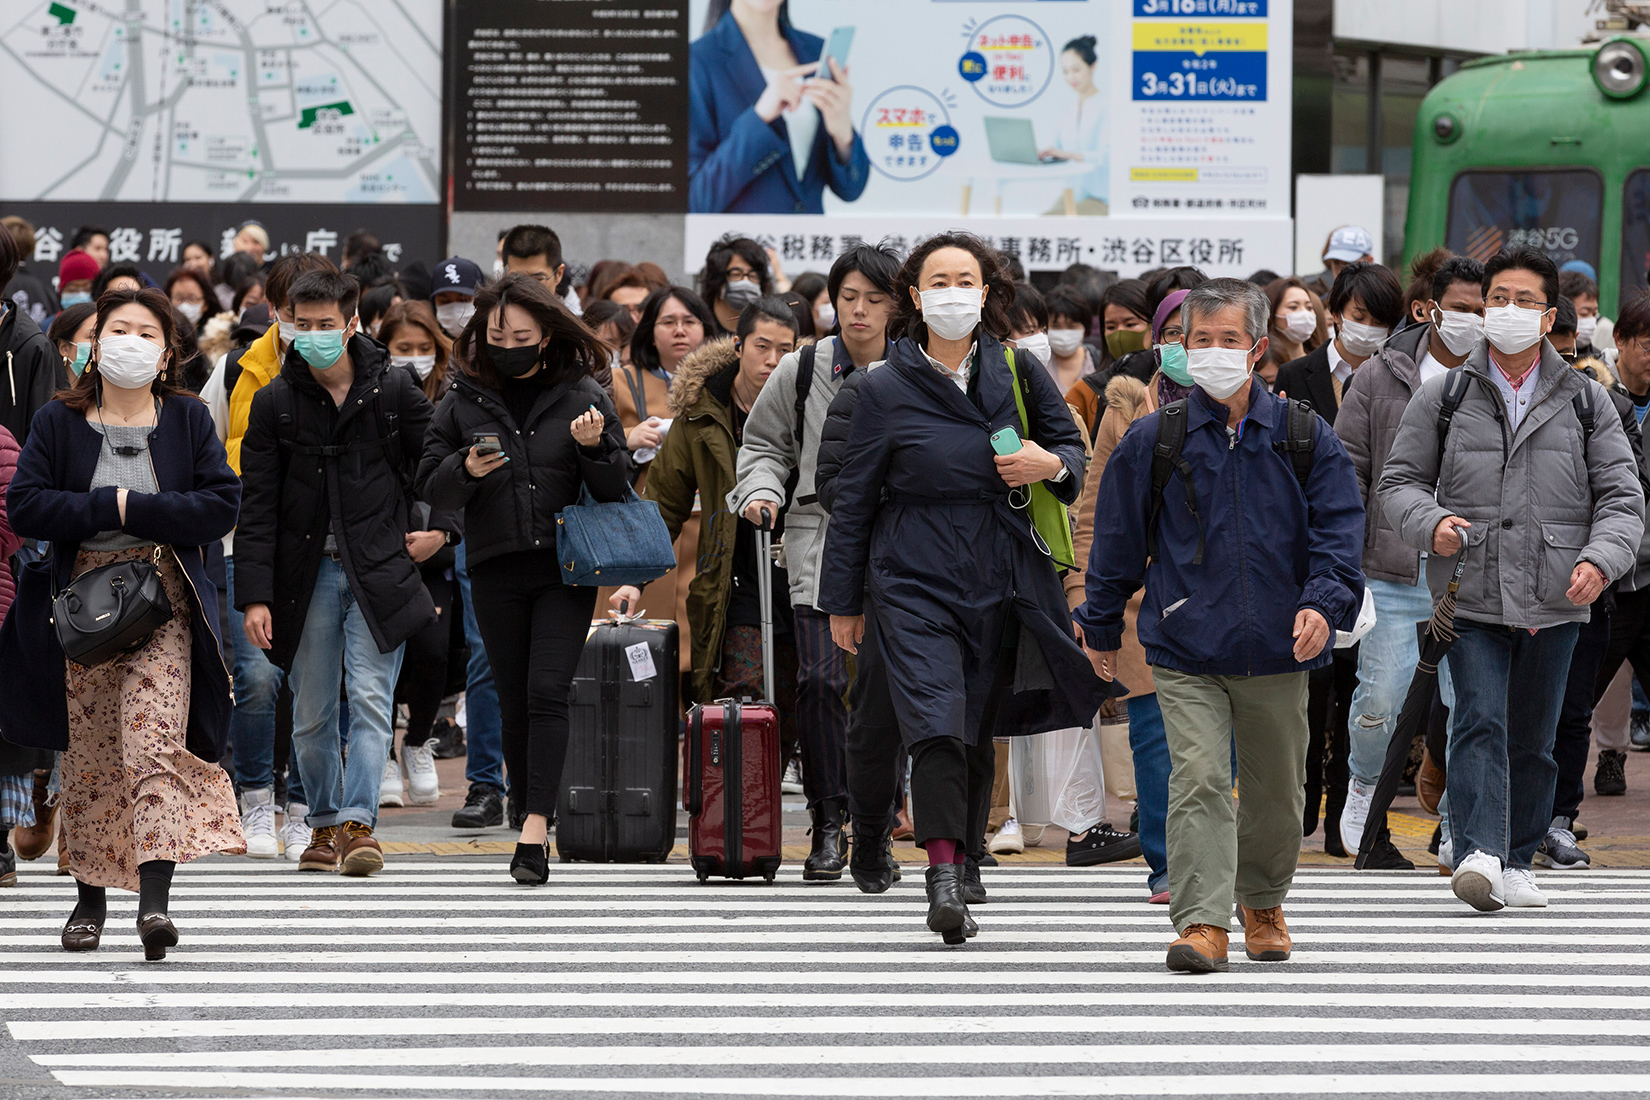 日本の緊急事態対処における非強制措置の是非を考える(前編) —非強制措置を採用する韓国とスウェーデンの例